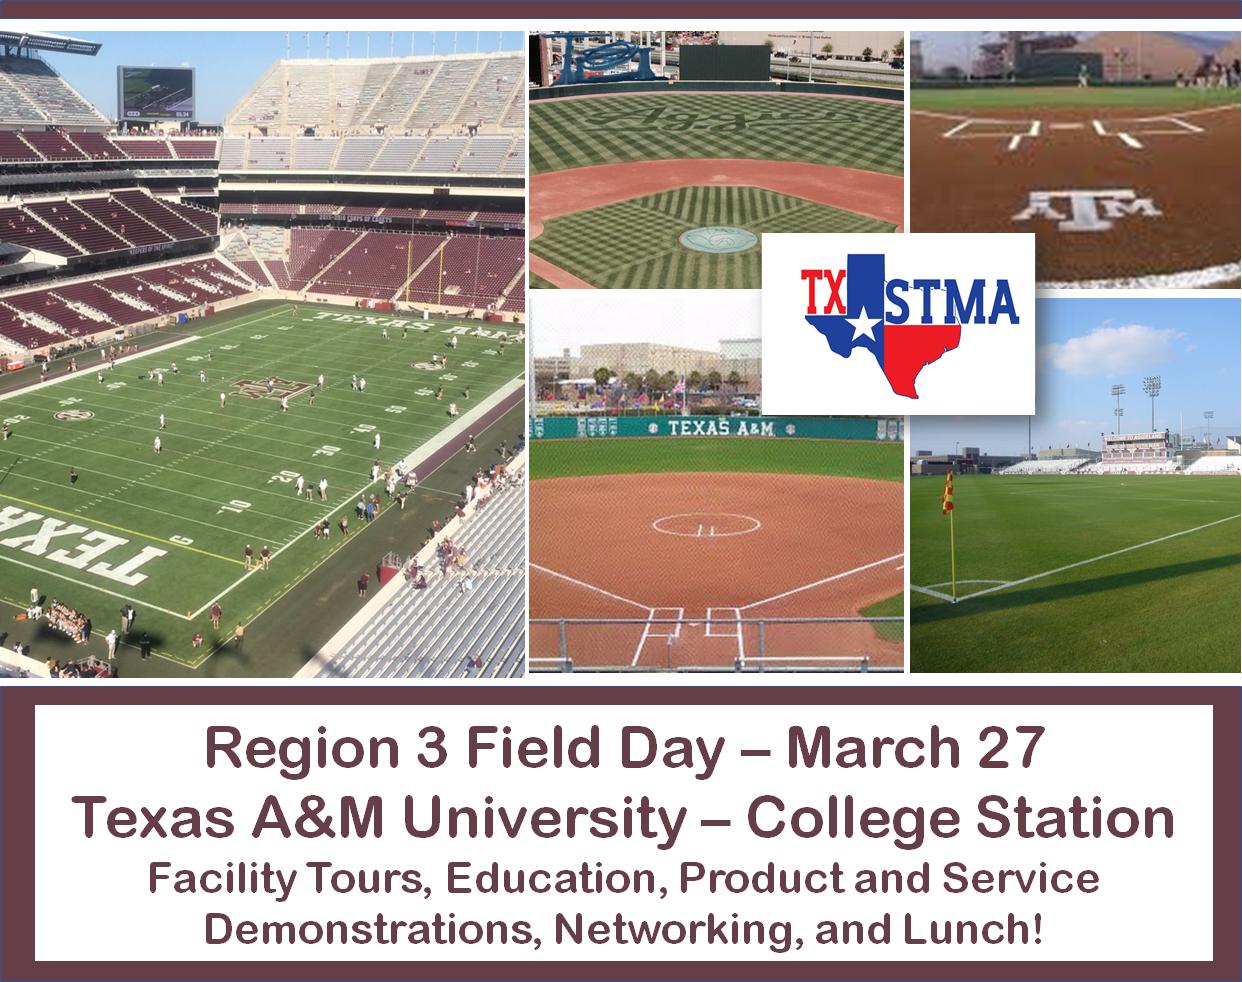 Region 3 Field Day Wrap Up